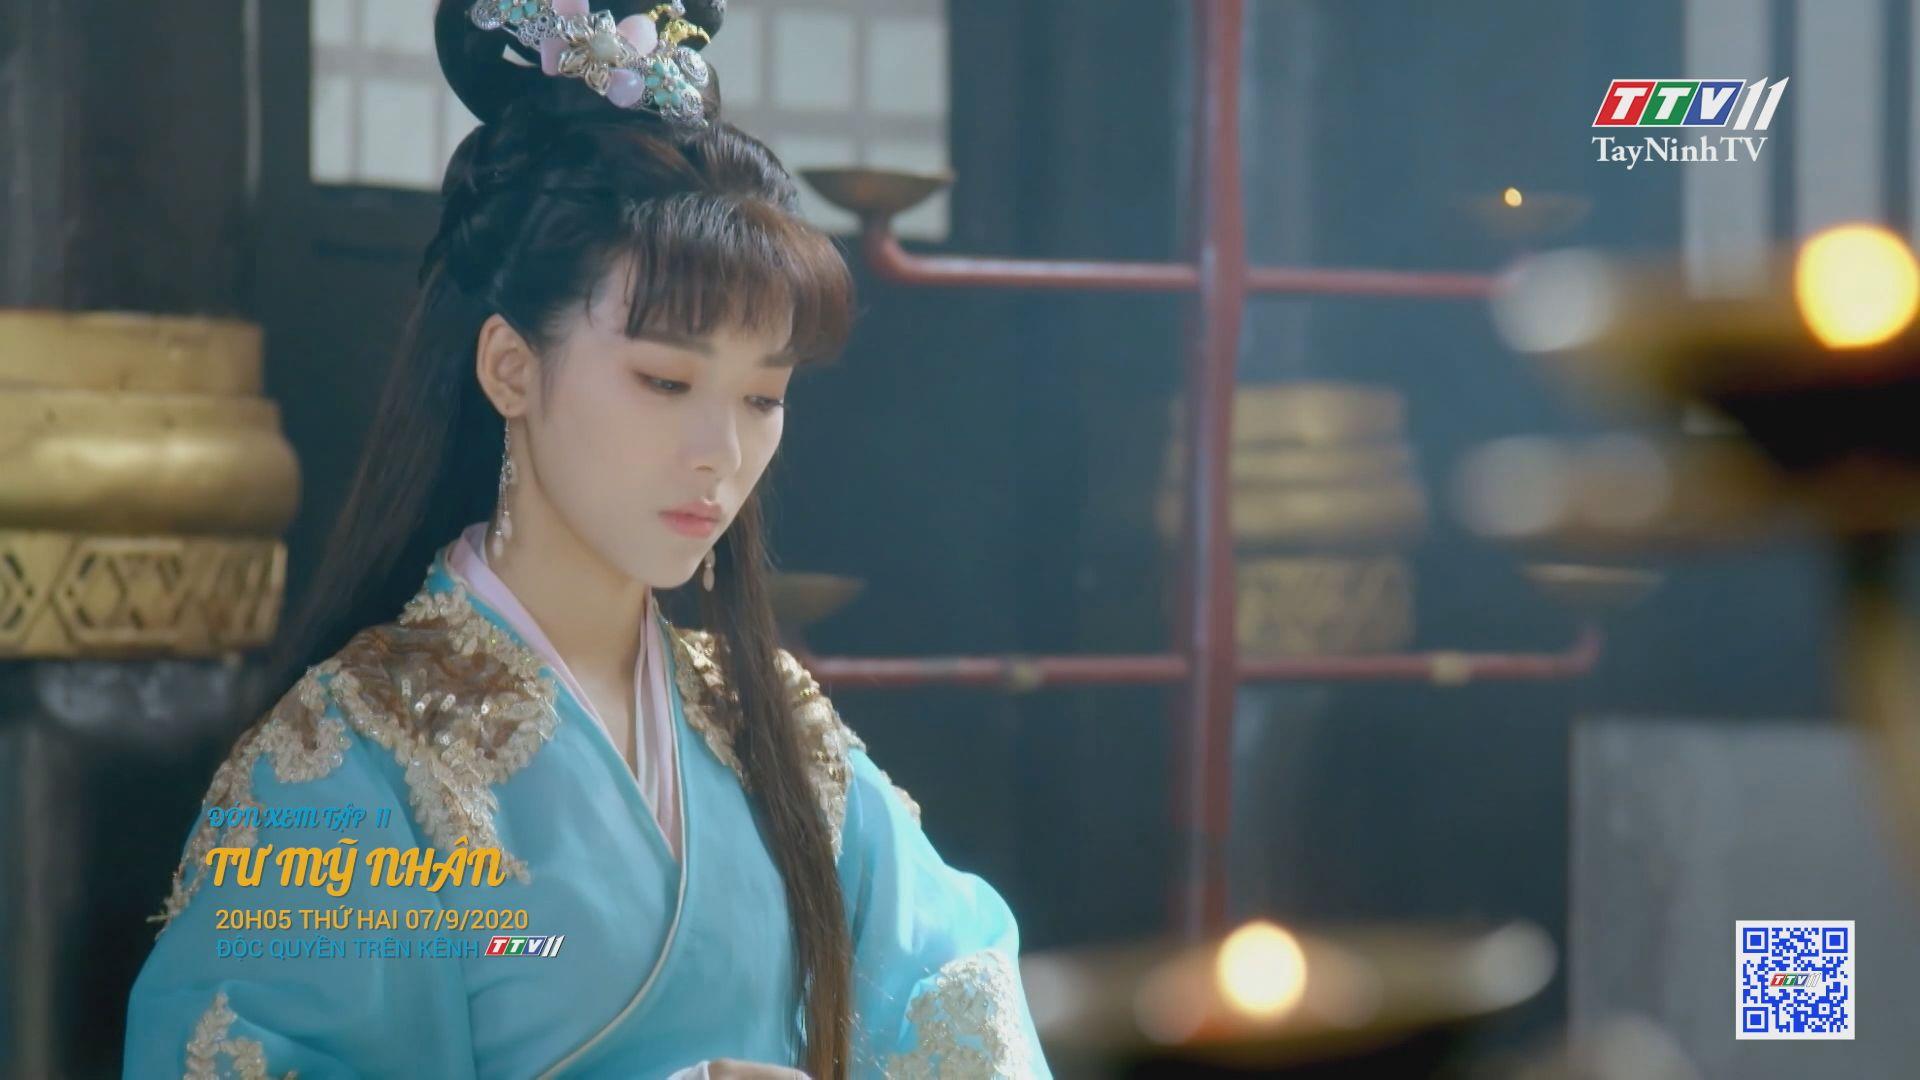 Tư mỹ nhân-TẬP 11 trailer | PHIM TƯ MỸ NHÂN | TayNinhTV